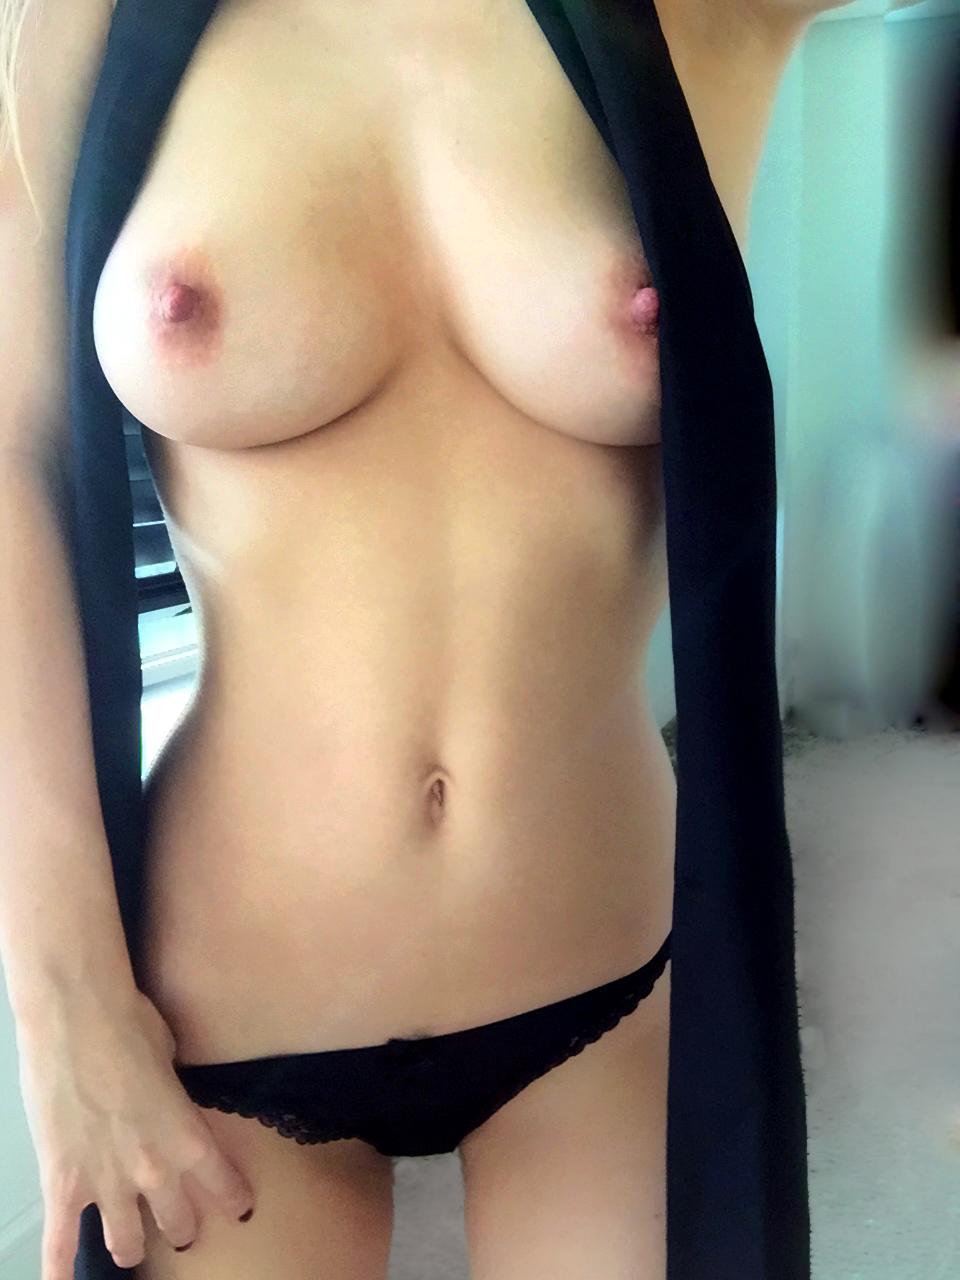 Подборка голых сисек молодых девушек со стройными телами